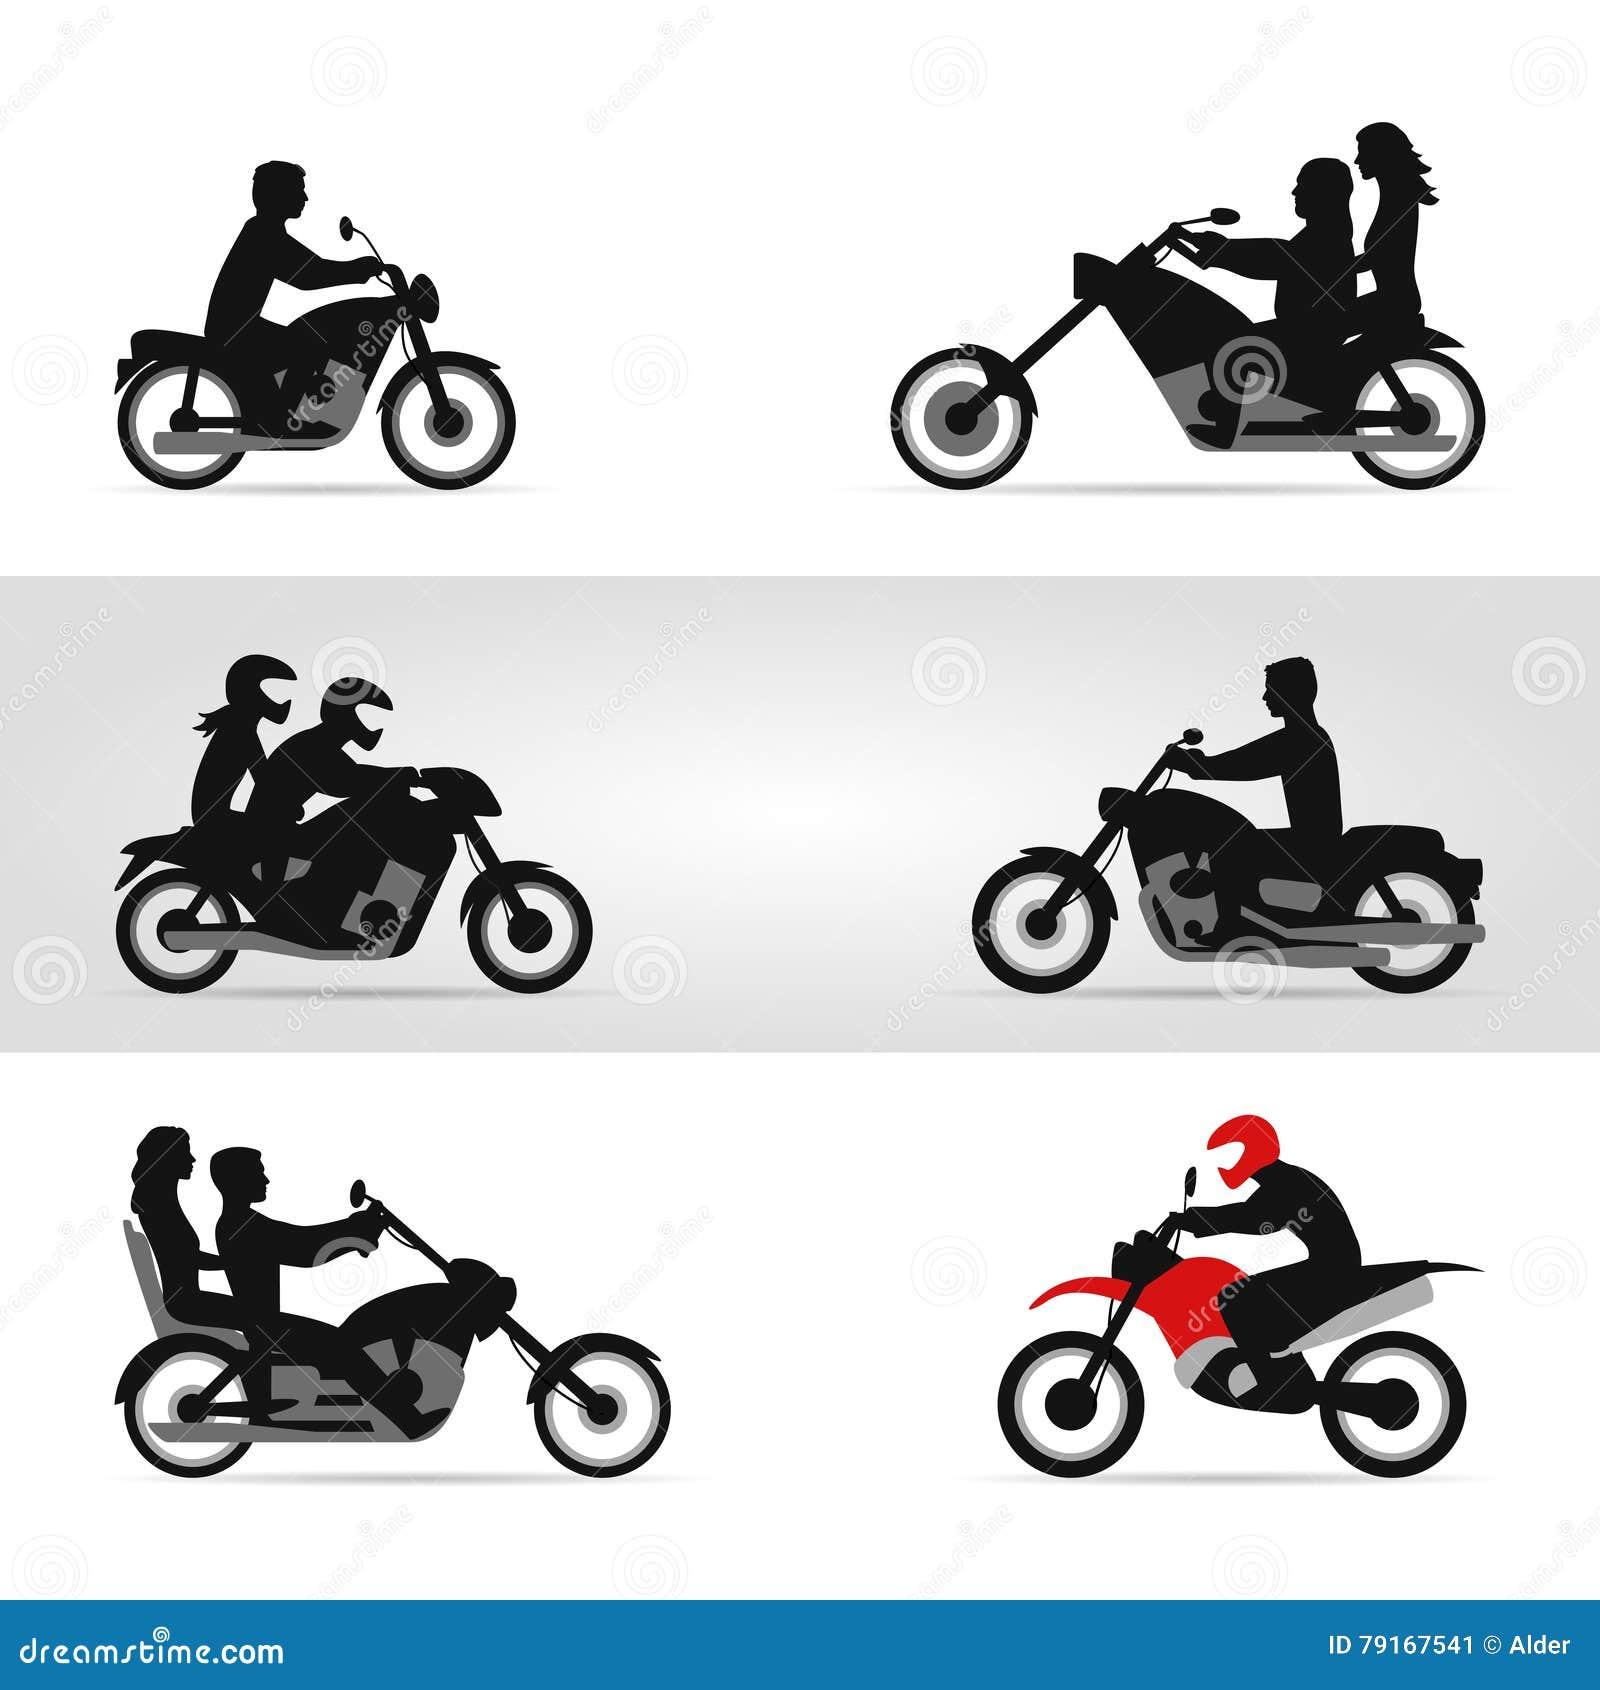 Велосипедисты на мотоциклах